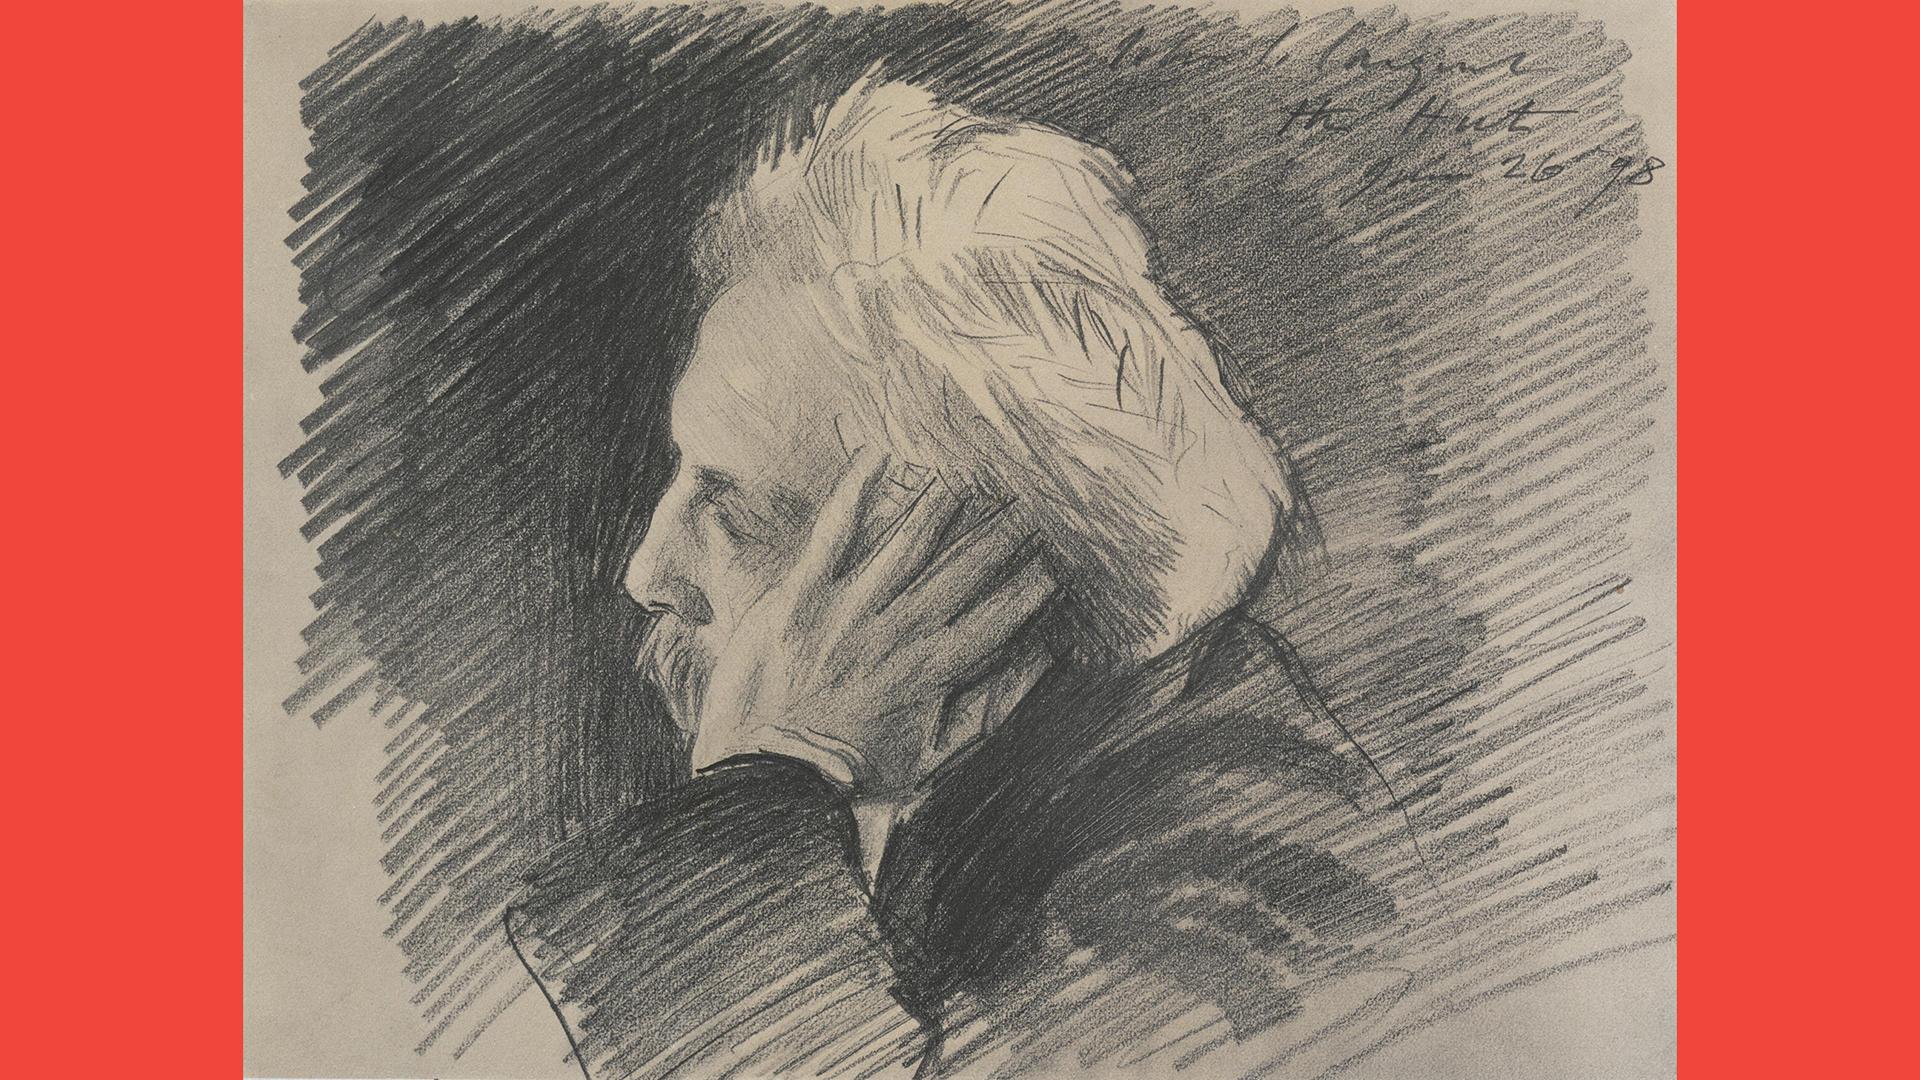 After John Singer Sargent (Florence, 1856-1925, London) Gabriel Fauré, about 1898